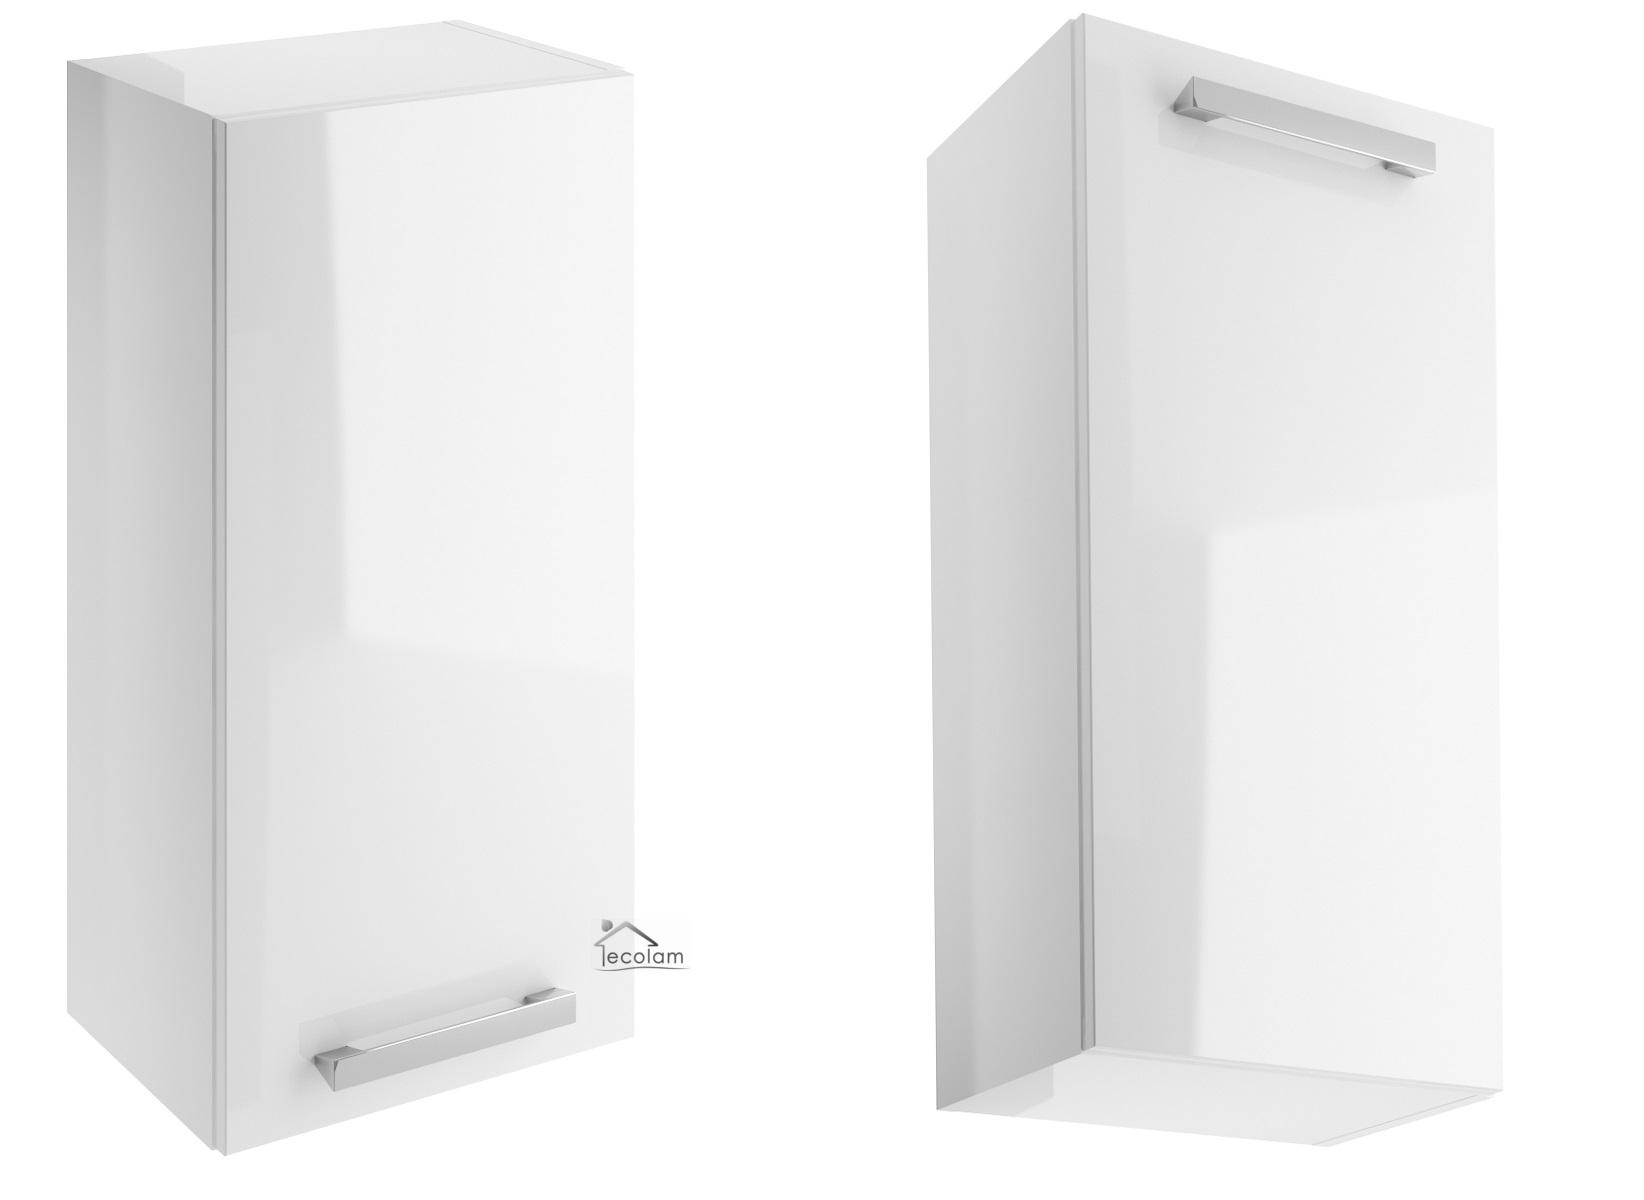 badm bel set 3 schr nke waschbecken 50 cm h ngend schubladen unterschrank m c ebay. Black Bedroom Furniture Sets. Home Design Ideas